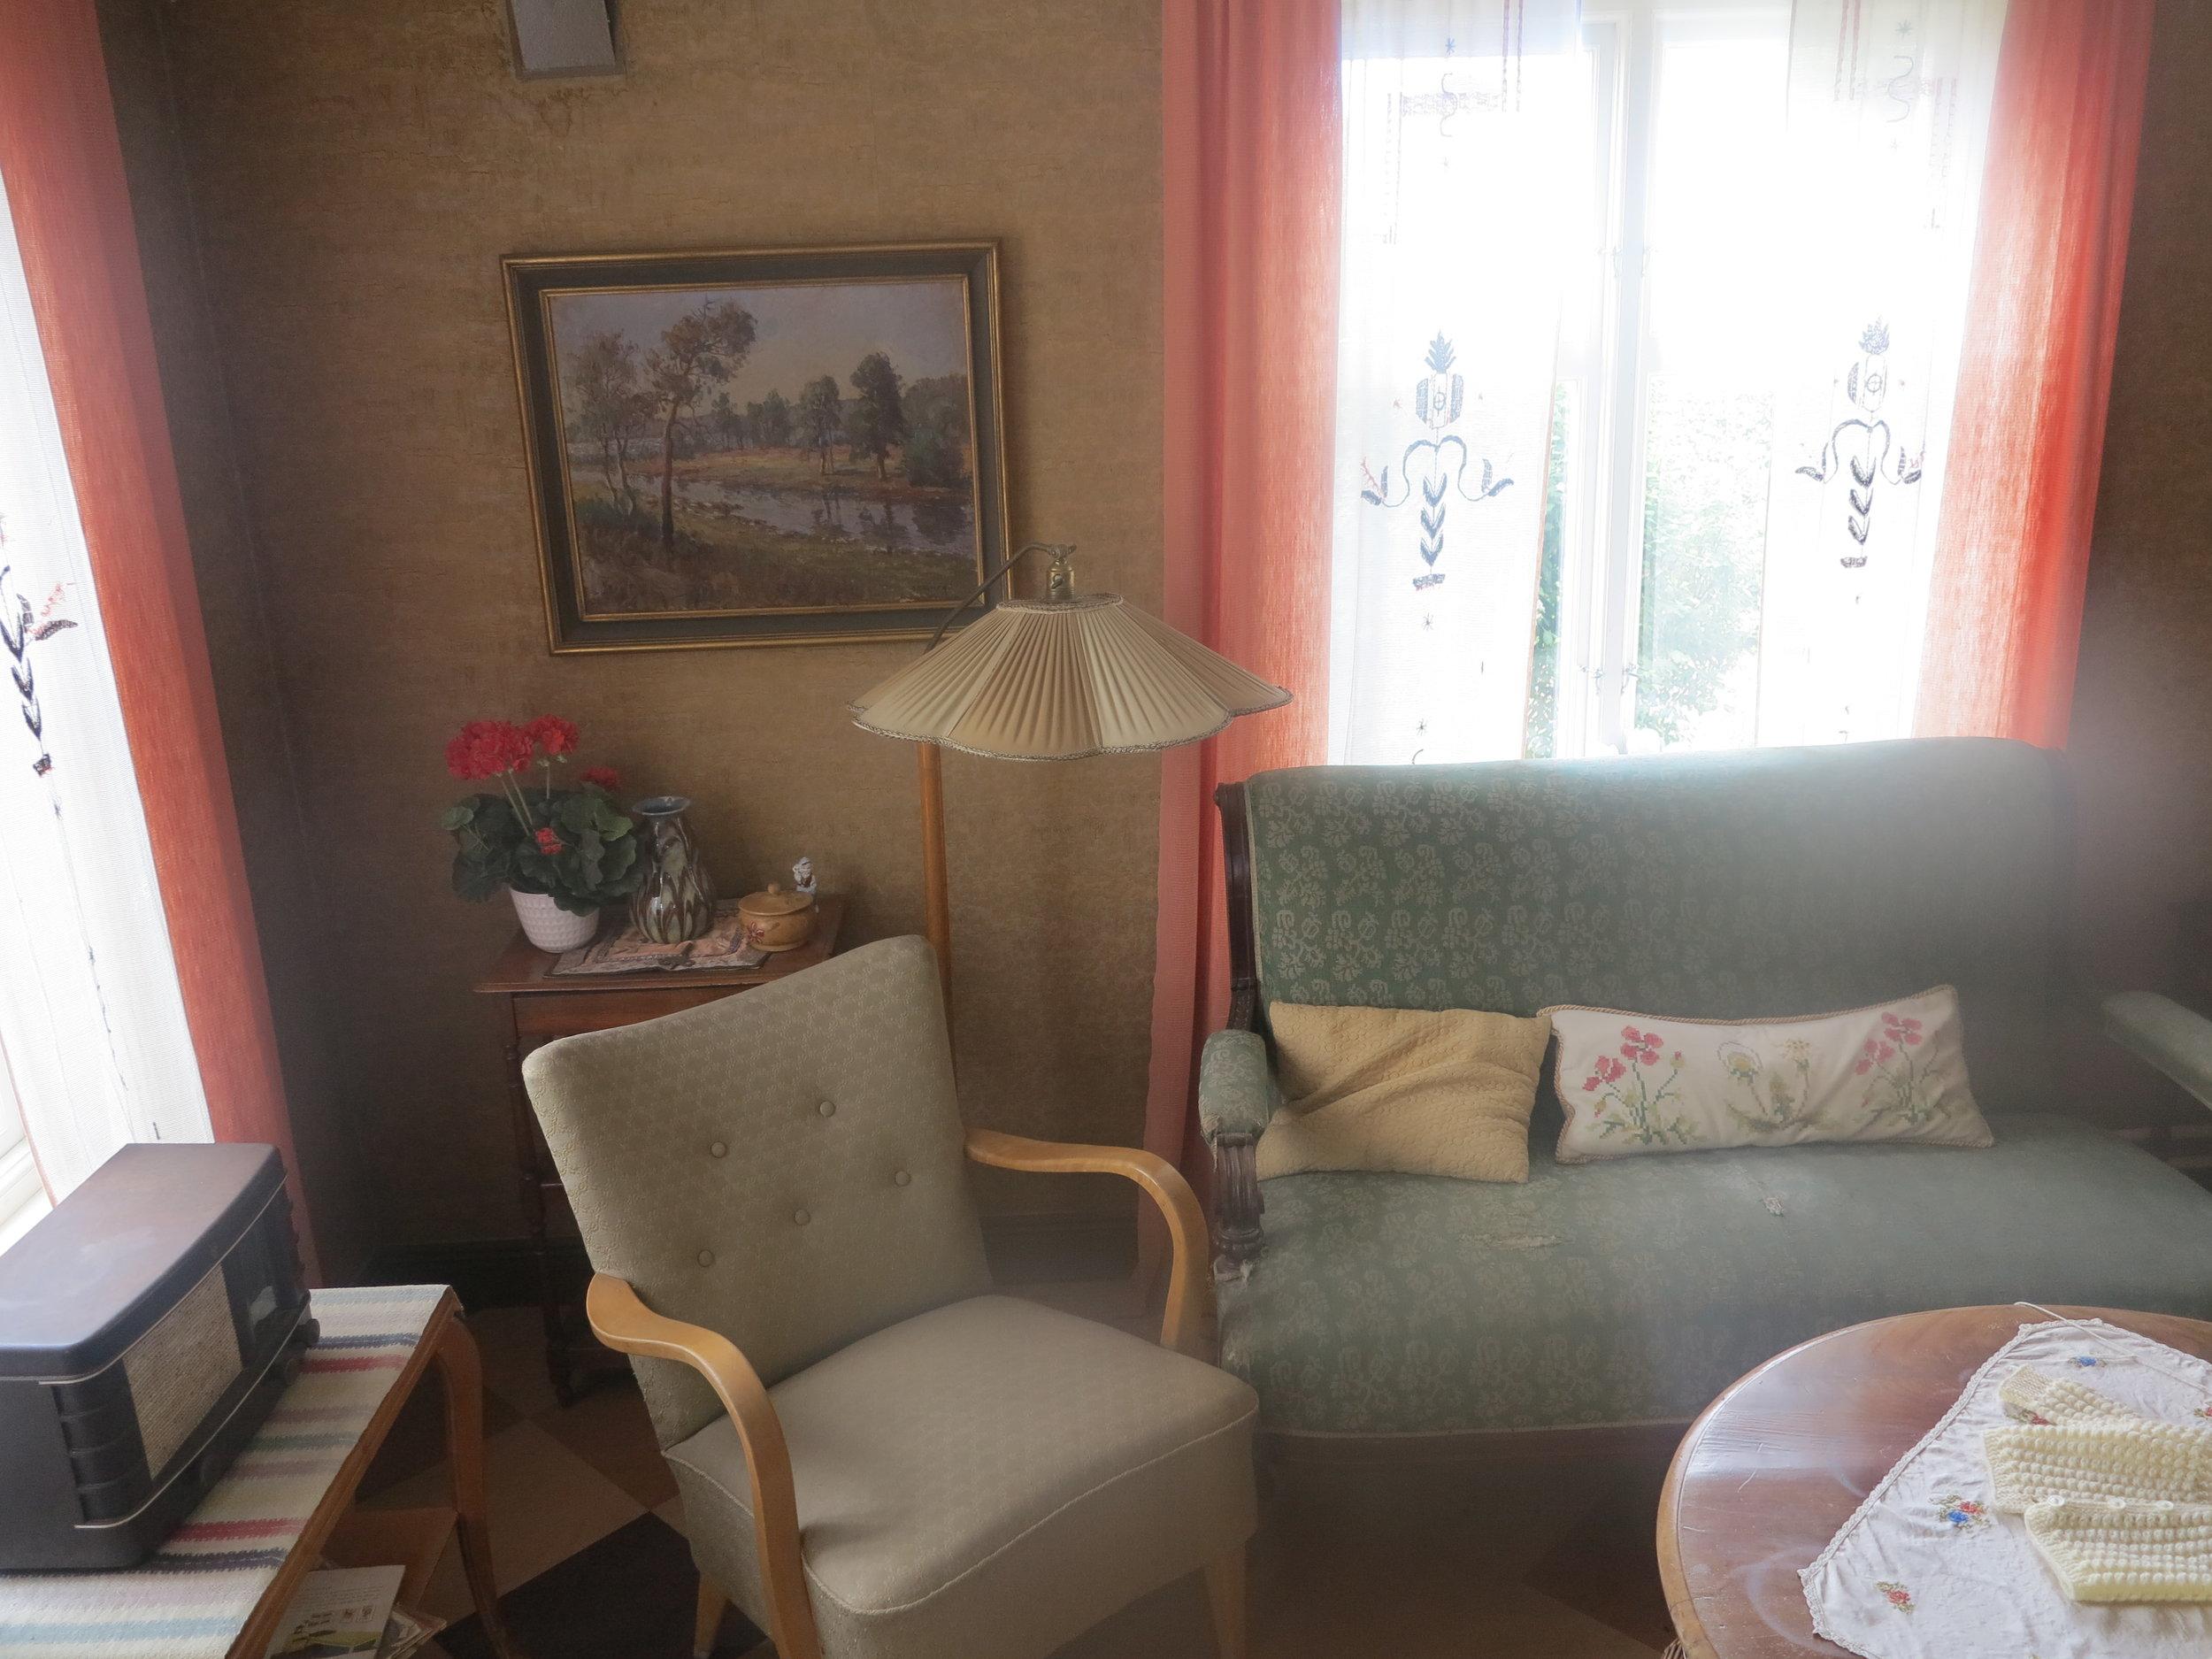 In der Astrid Lindgrens Welt kann man durch die Wohnzimmer…